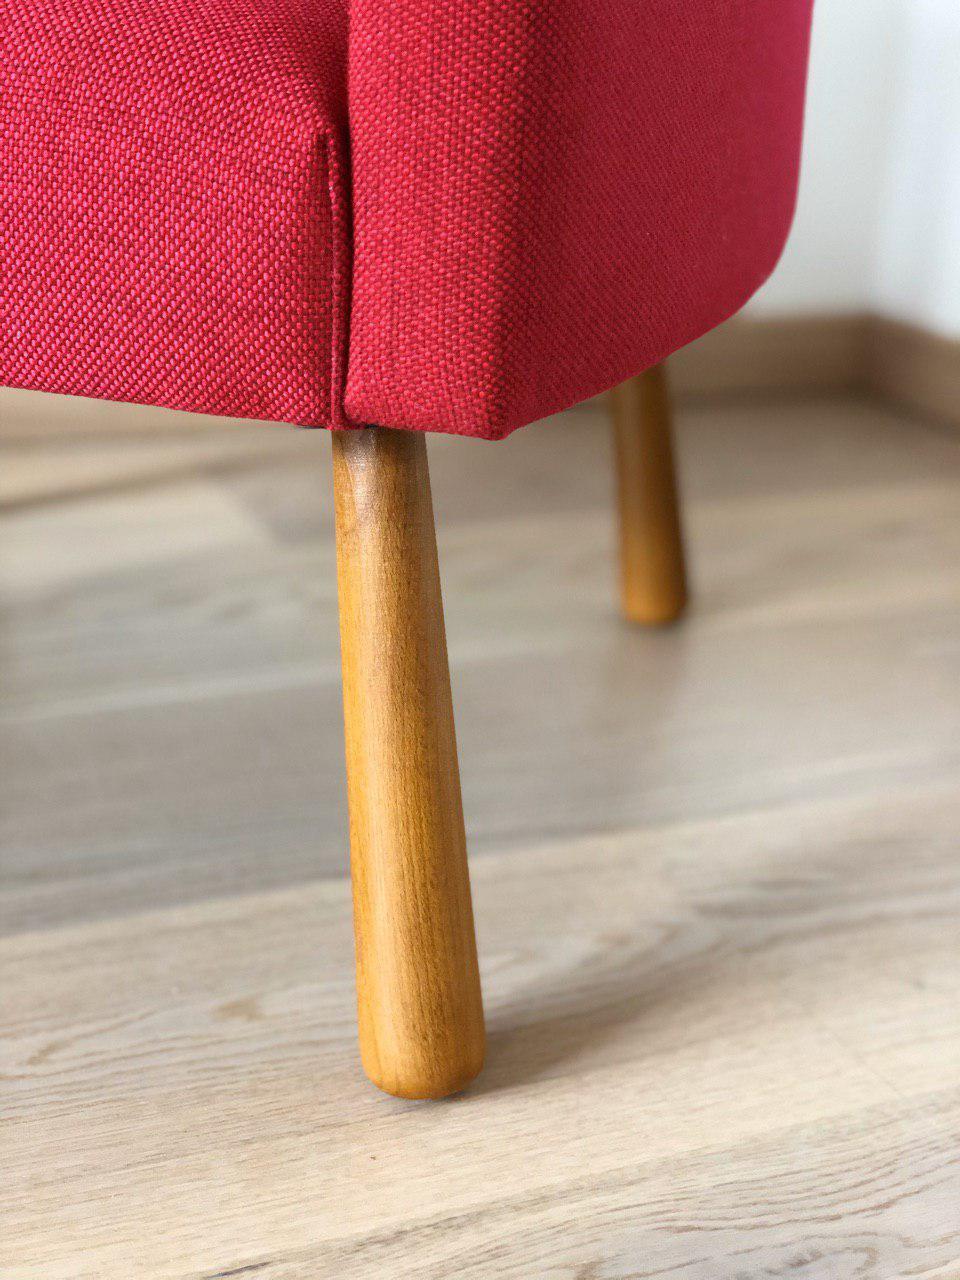 детское мягкое кресло: скруглённые ножки